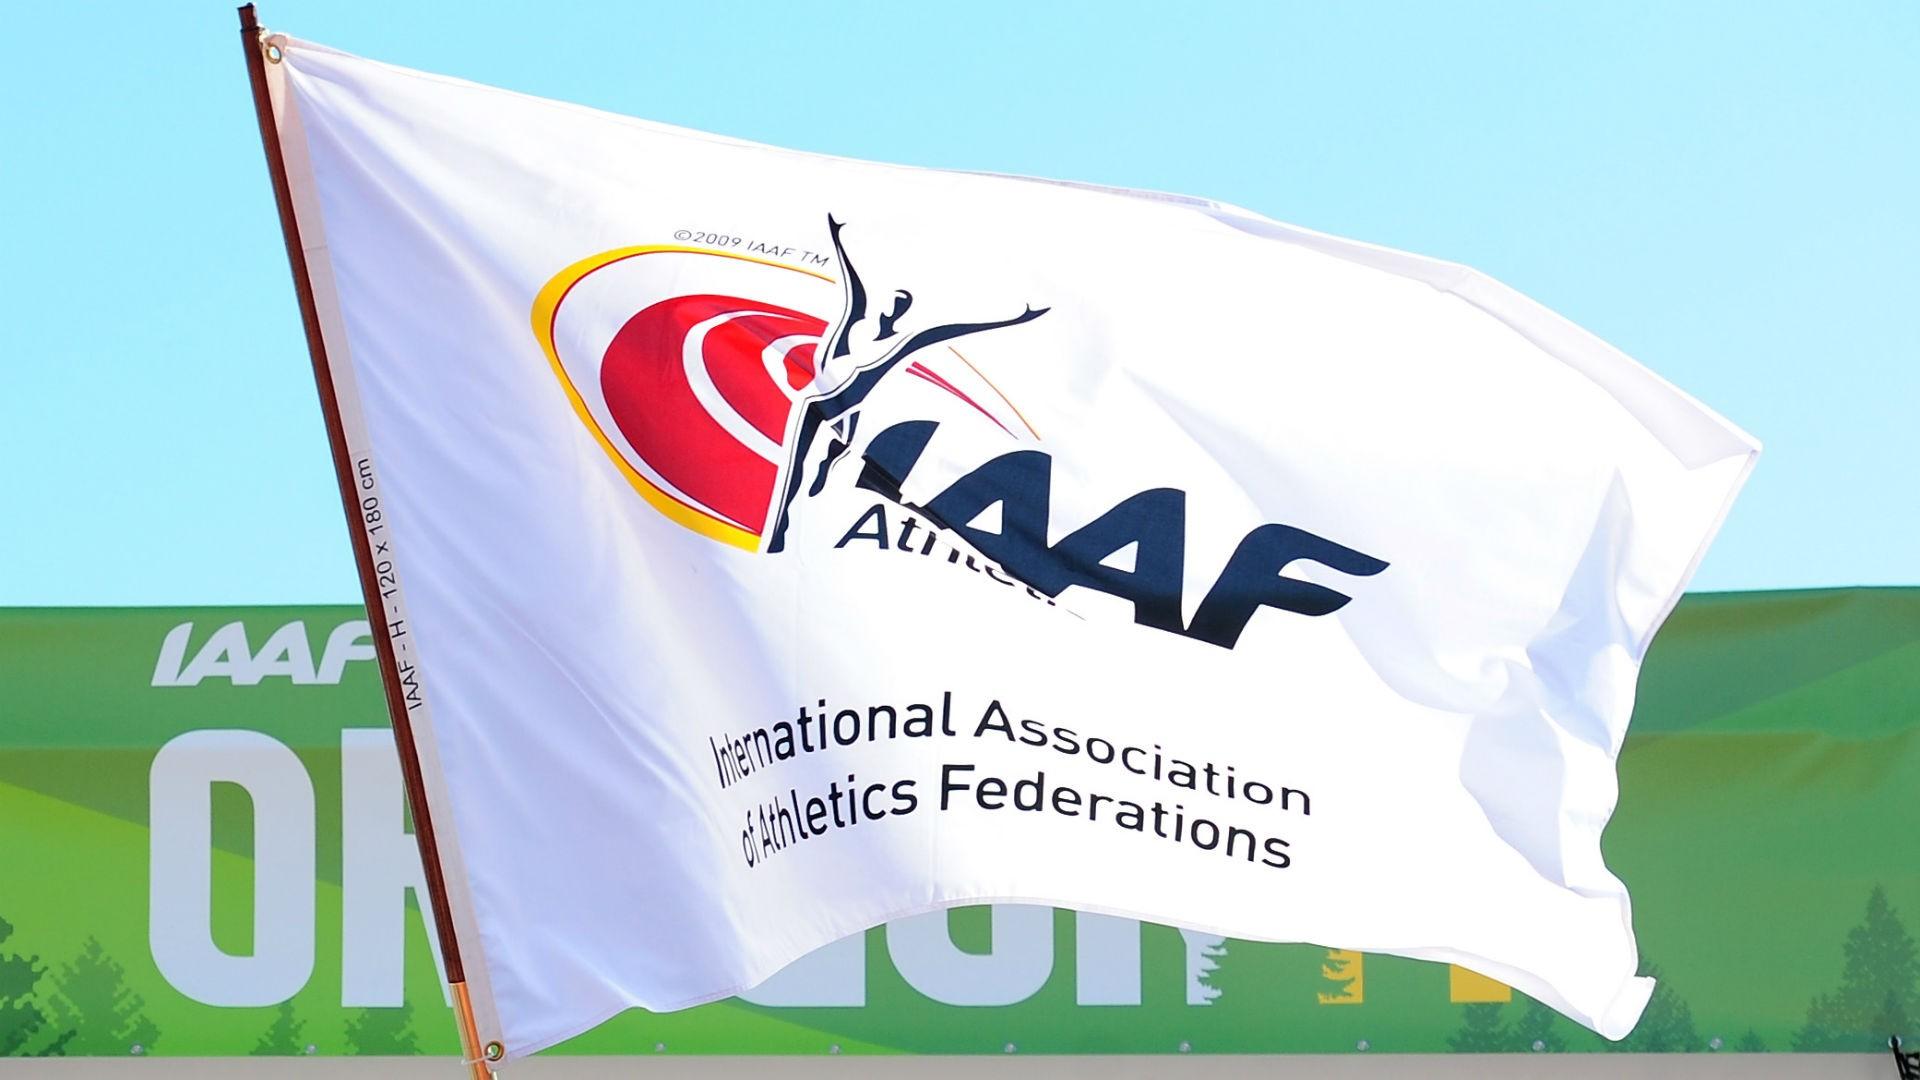 Съезд ИААФ проголосовал зареформы, предложеные президентом организации Коу